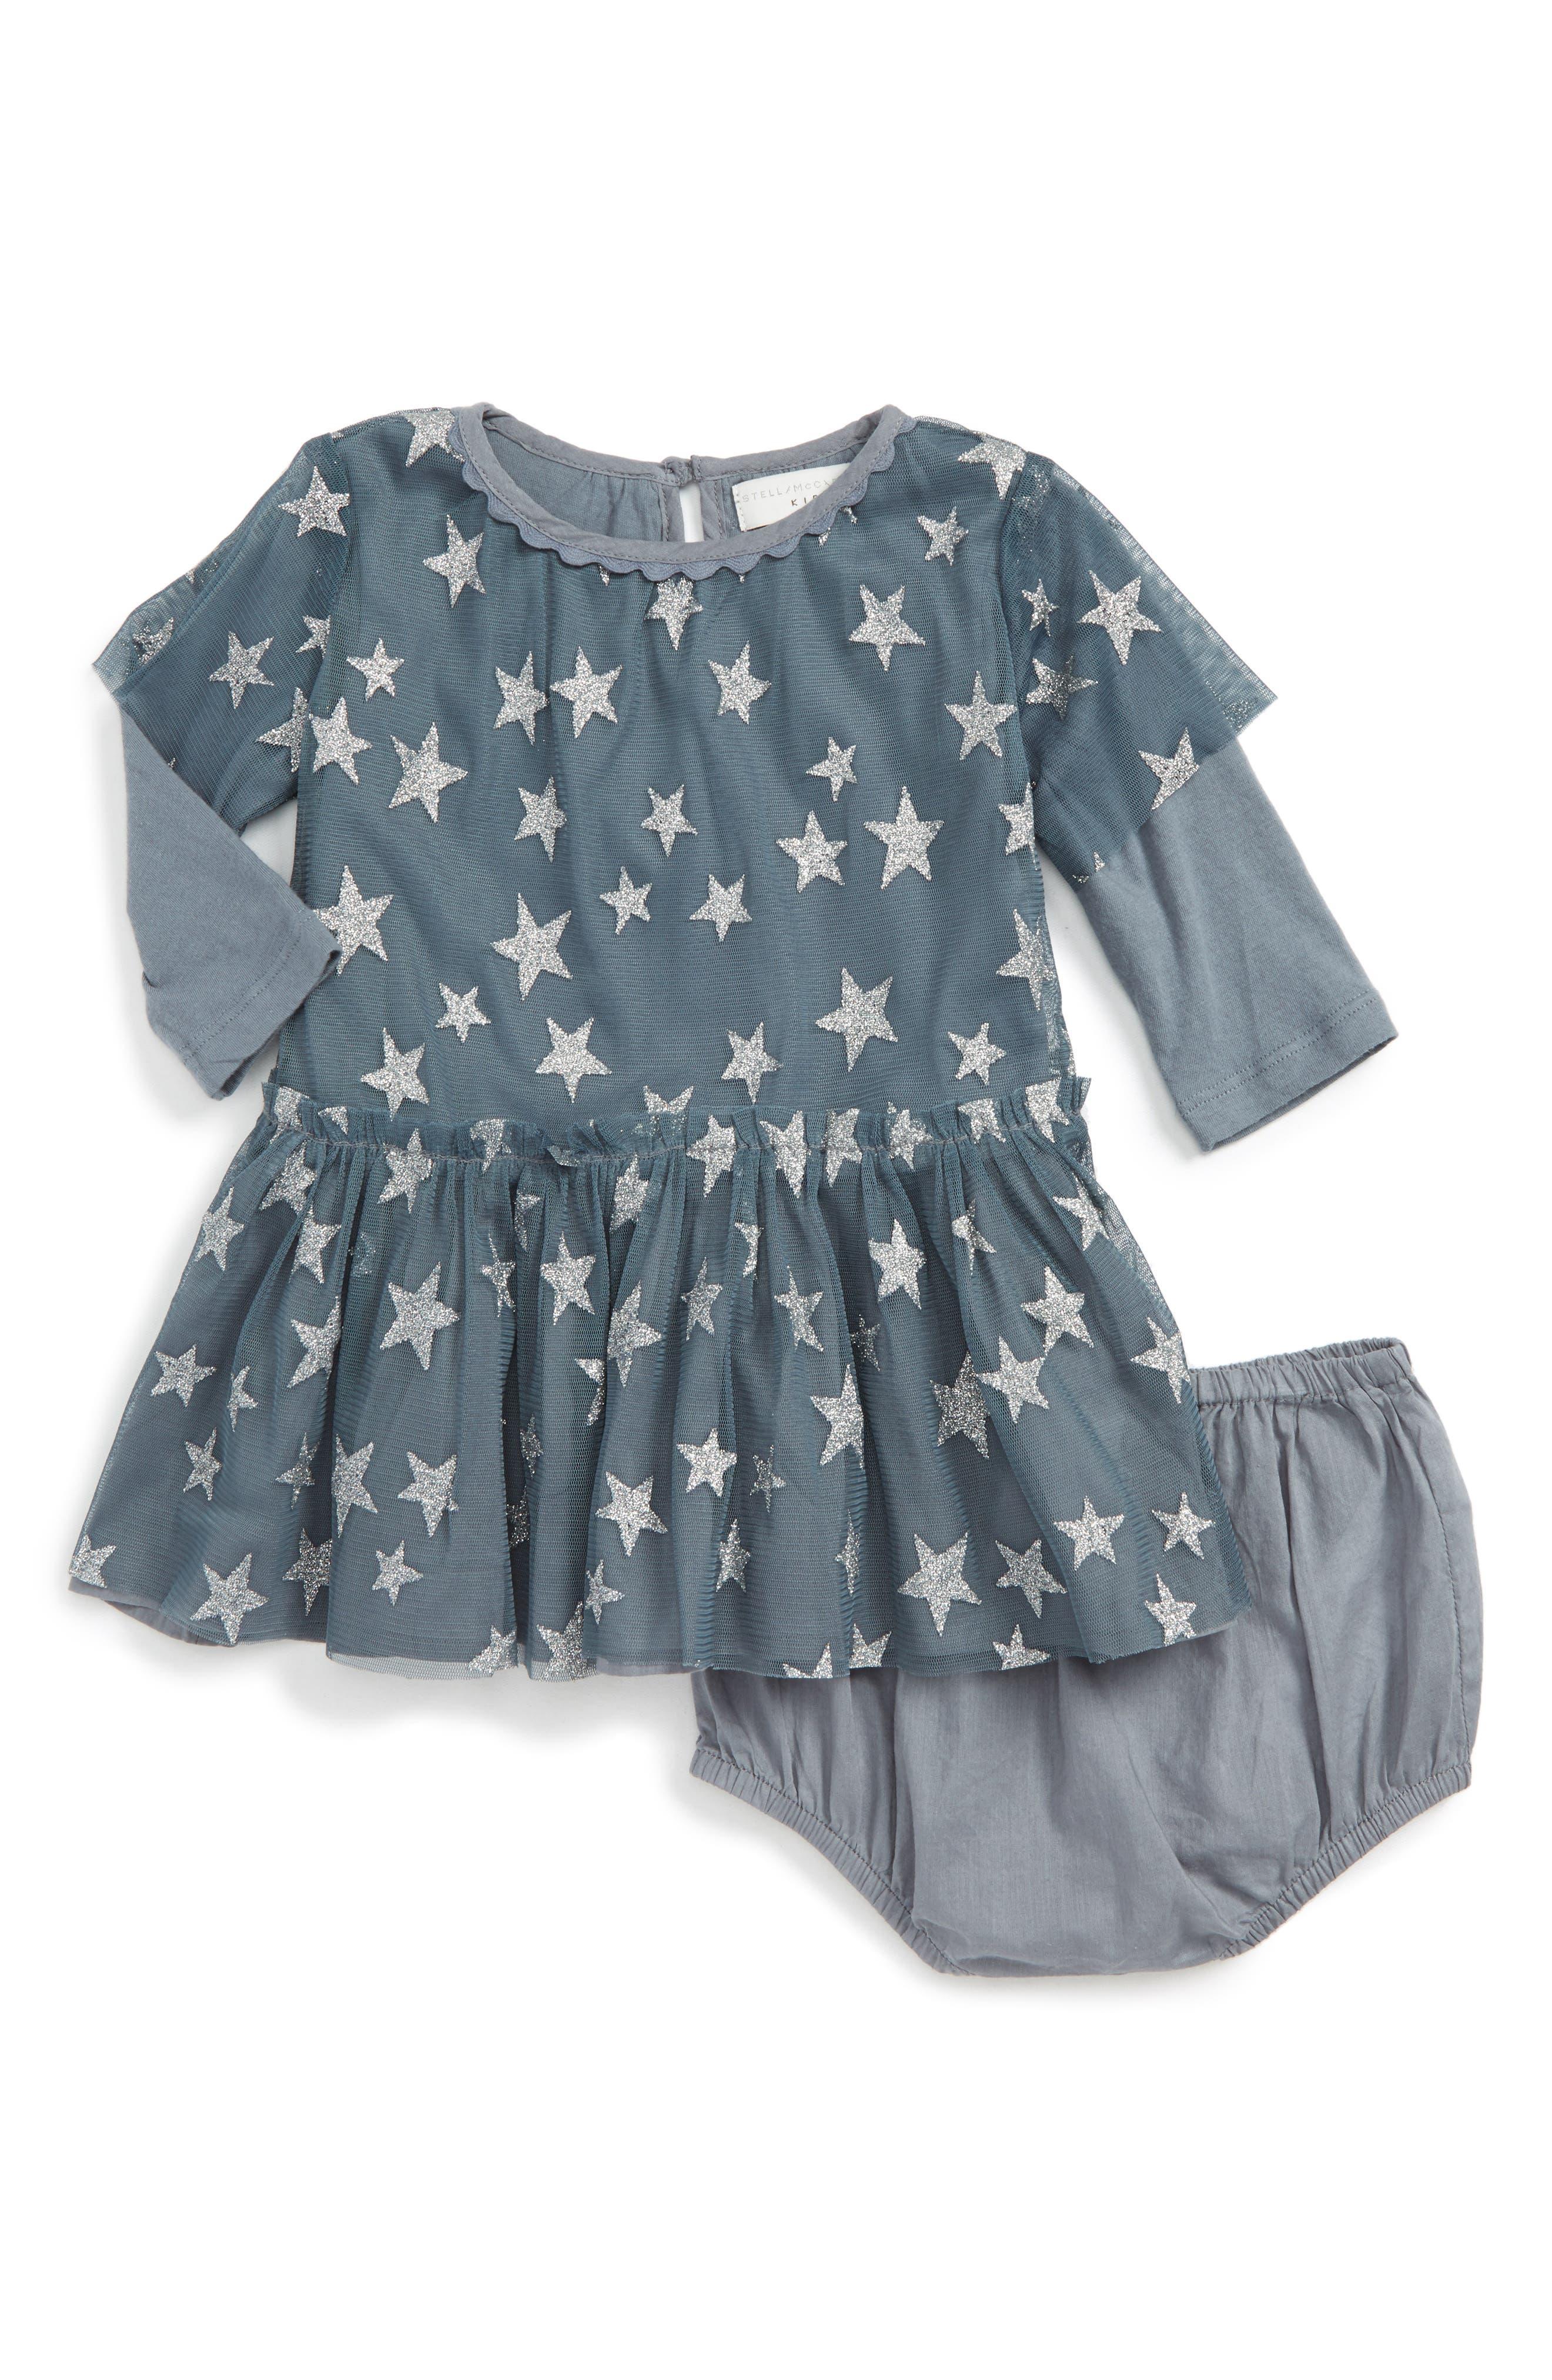 Alternate Image 1 Selected - Stella McCartney Kids Tulle Star Dress (Baby Girls)